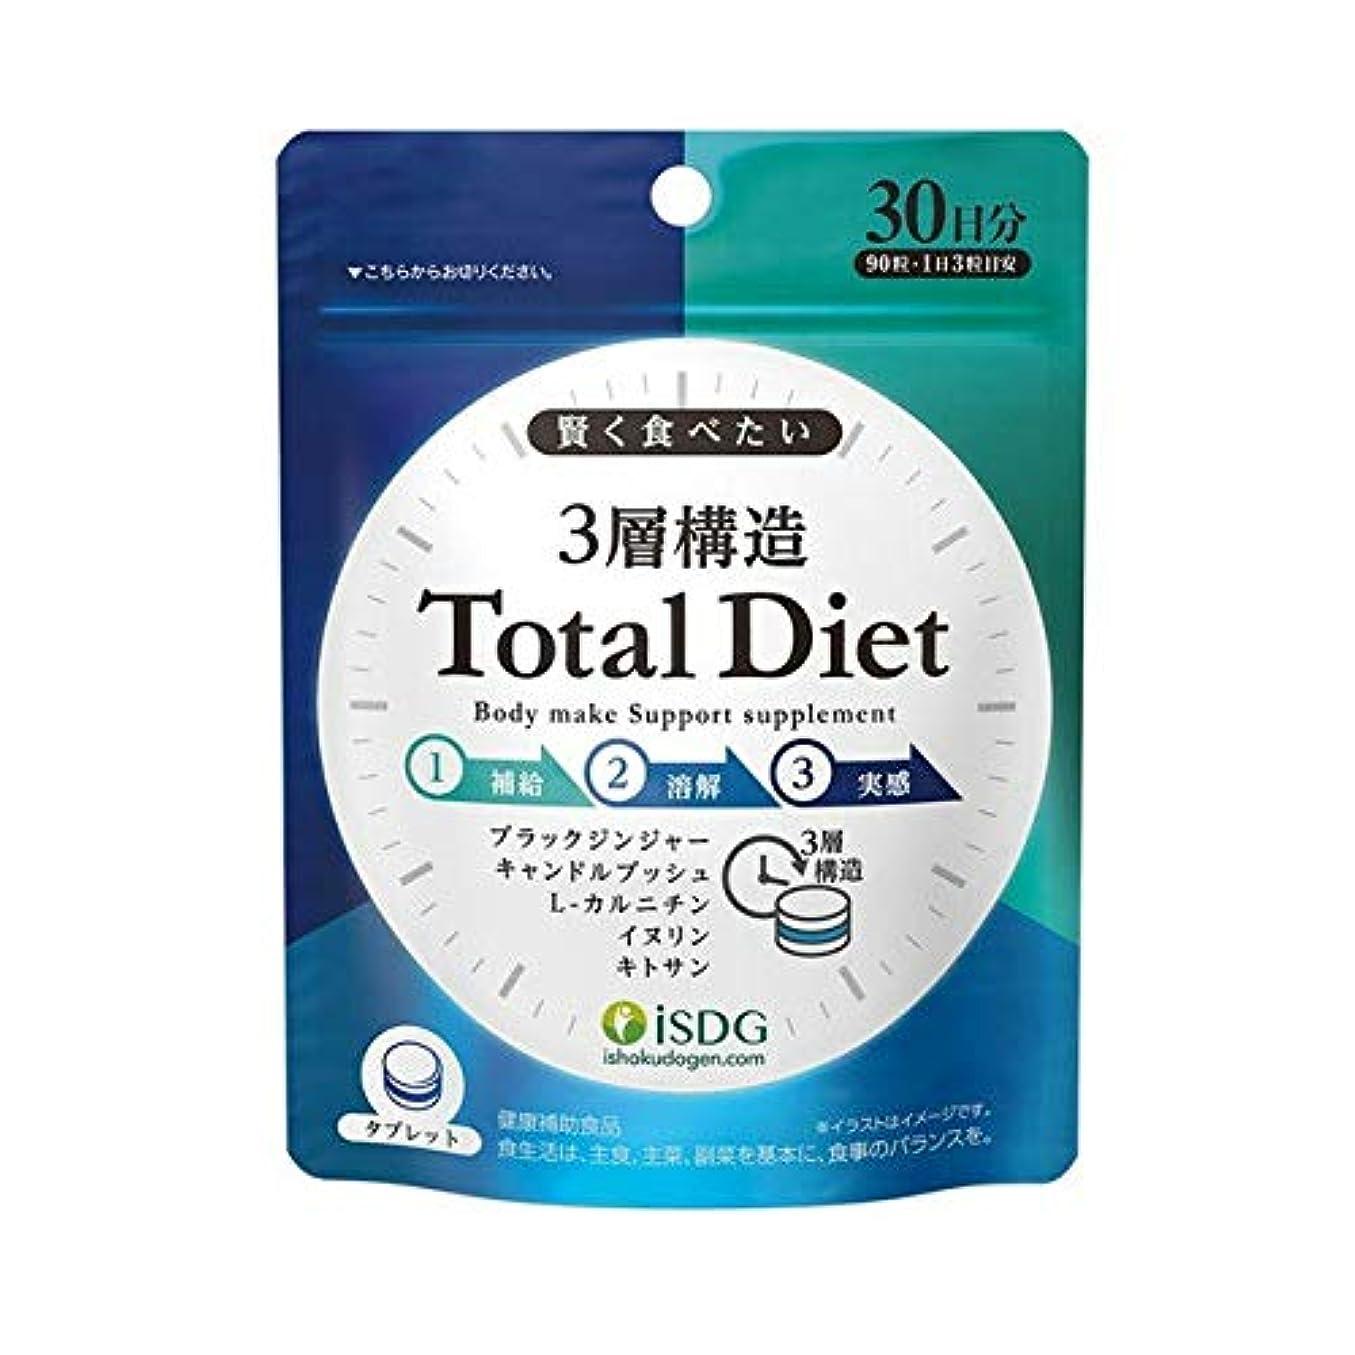 猫背それぞれ記念日医食同源ドットコム ISDG 3層構造 Total Diet 90粒入 トータル ダイエット×3個セット